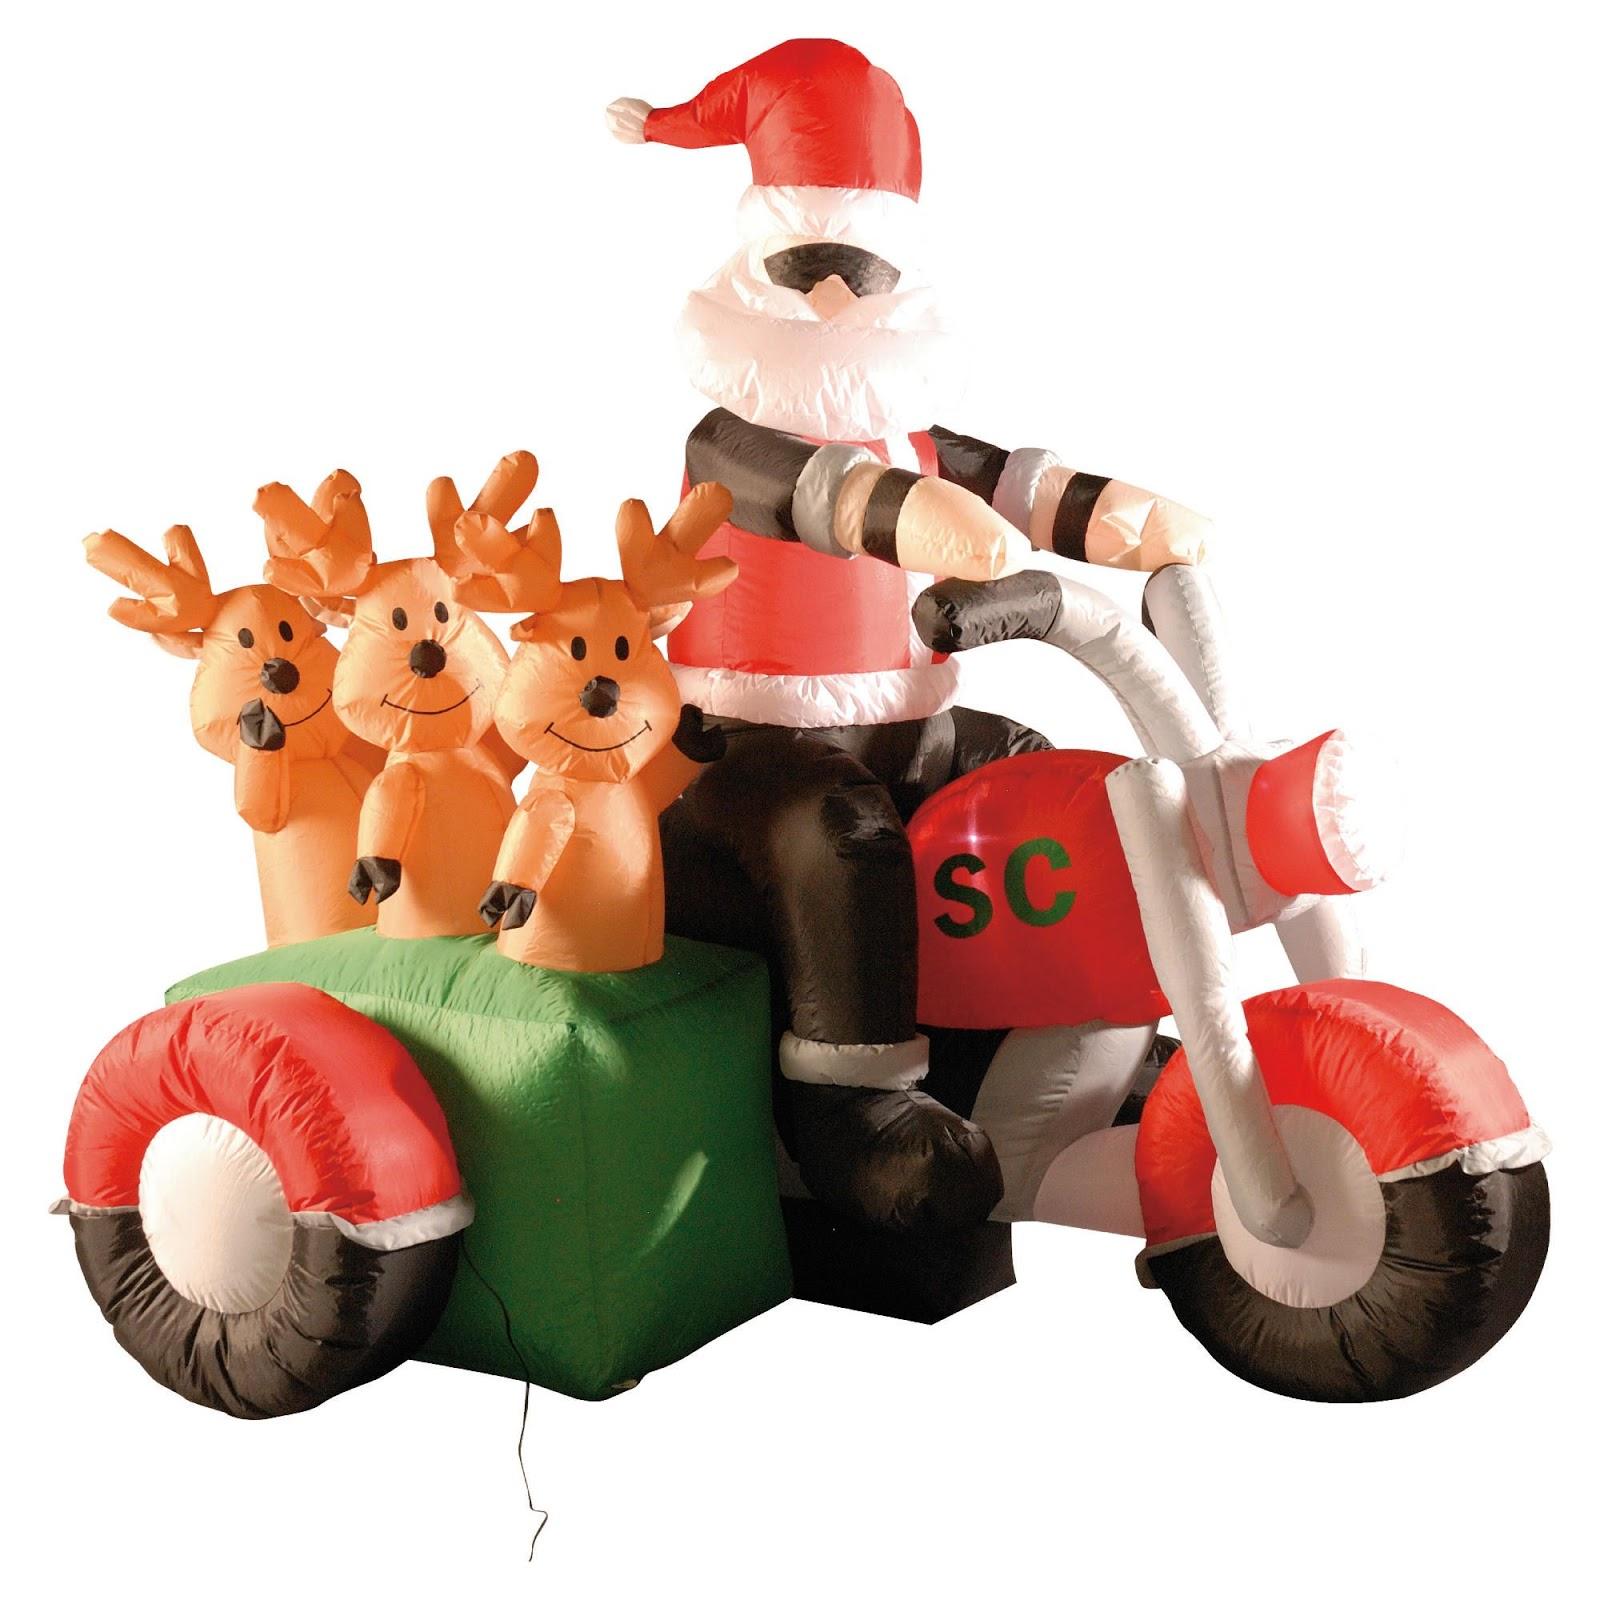 Moto n santa rides a motorcycle christmas decorations